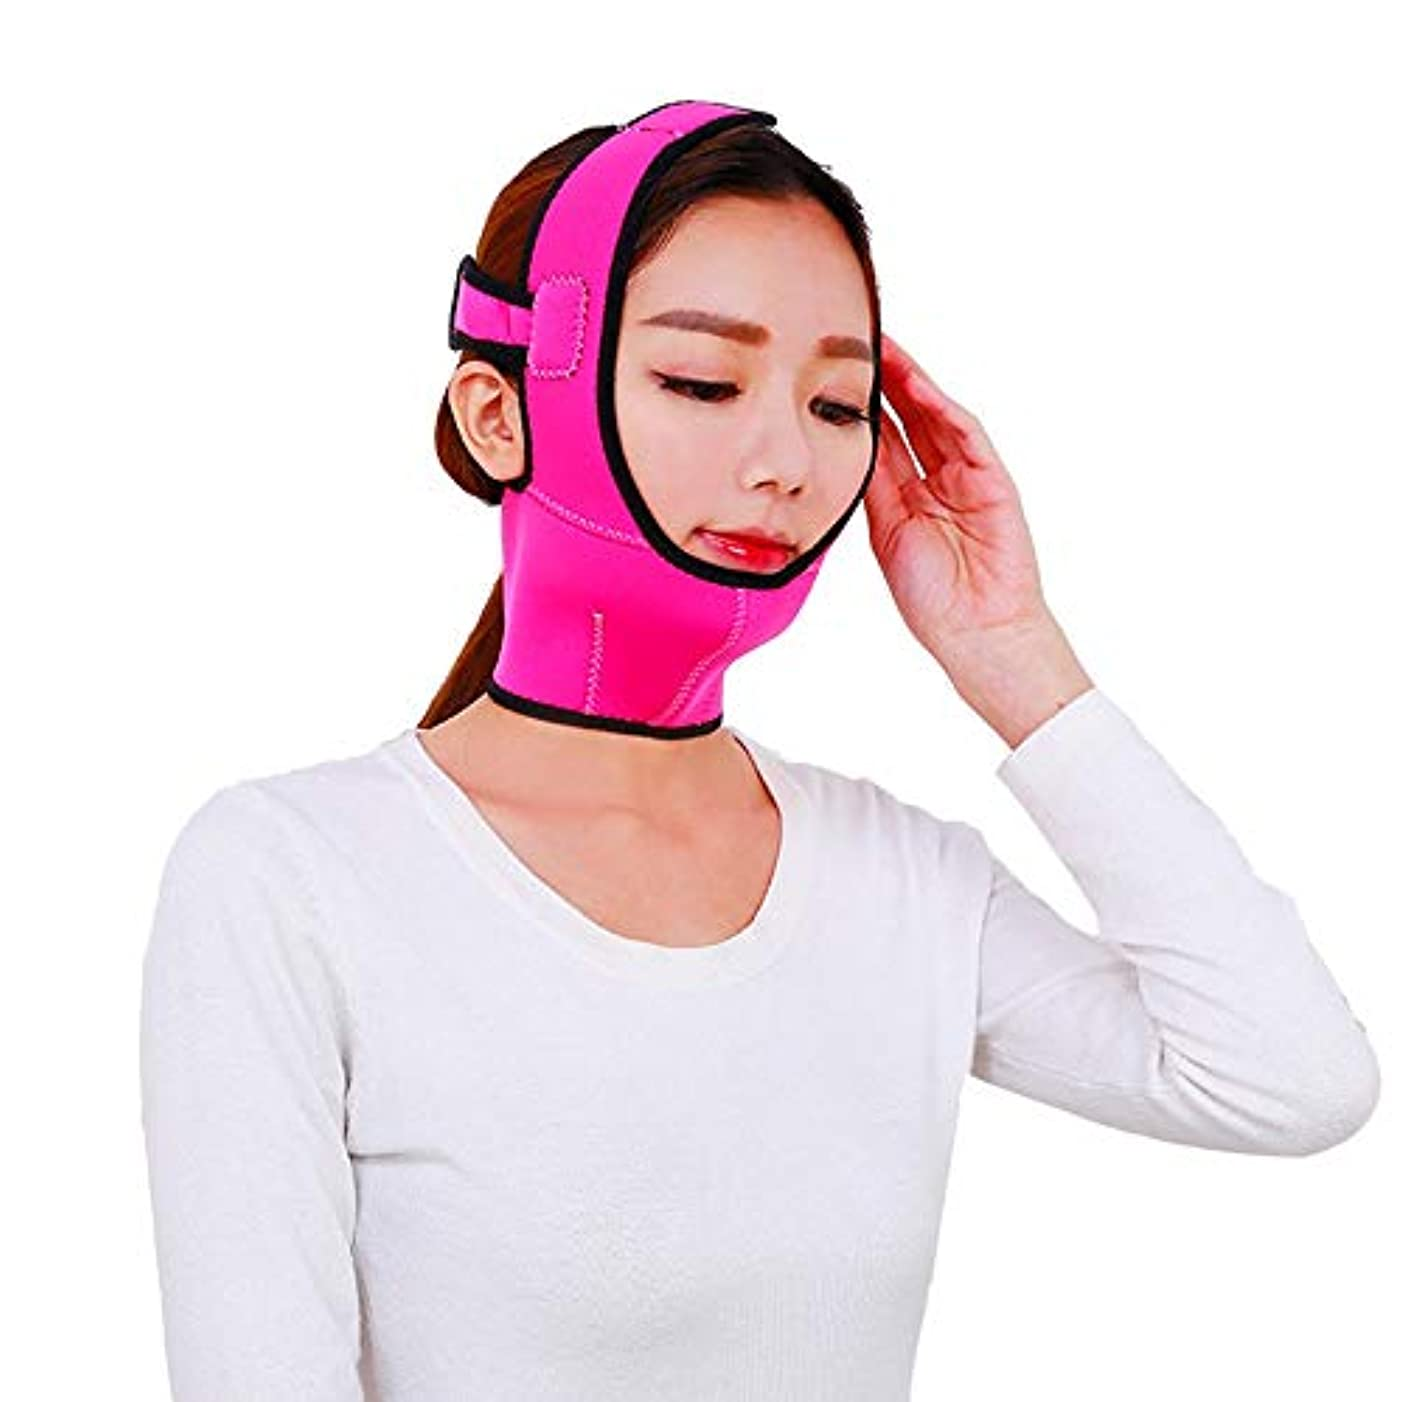 後ろ、背後、背面(部無人速記顔を持ち上げるベルト通気性の顔面リフティング包帯ダブルチン顔面リフティングマスクを締めるV顔面顔面リフレッシングツール